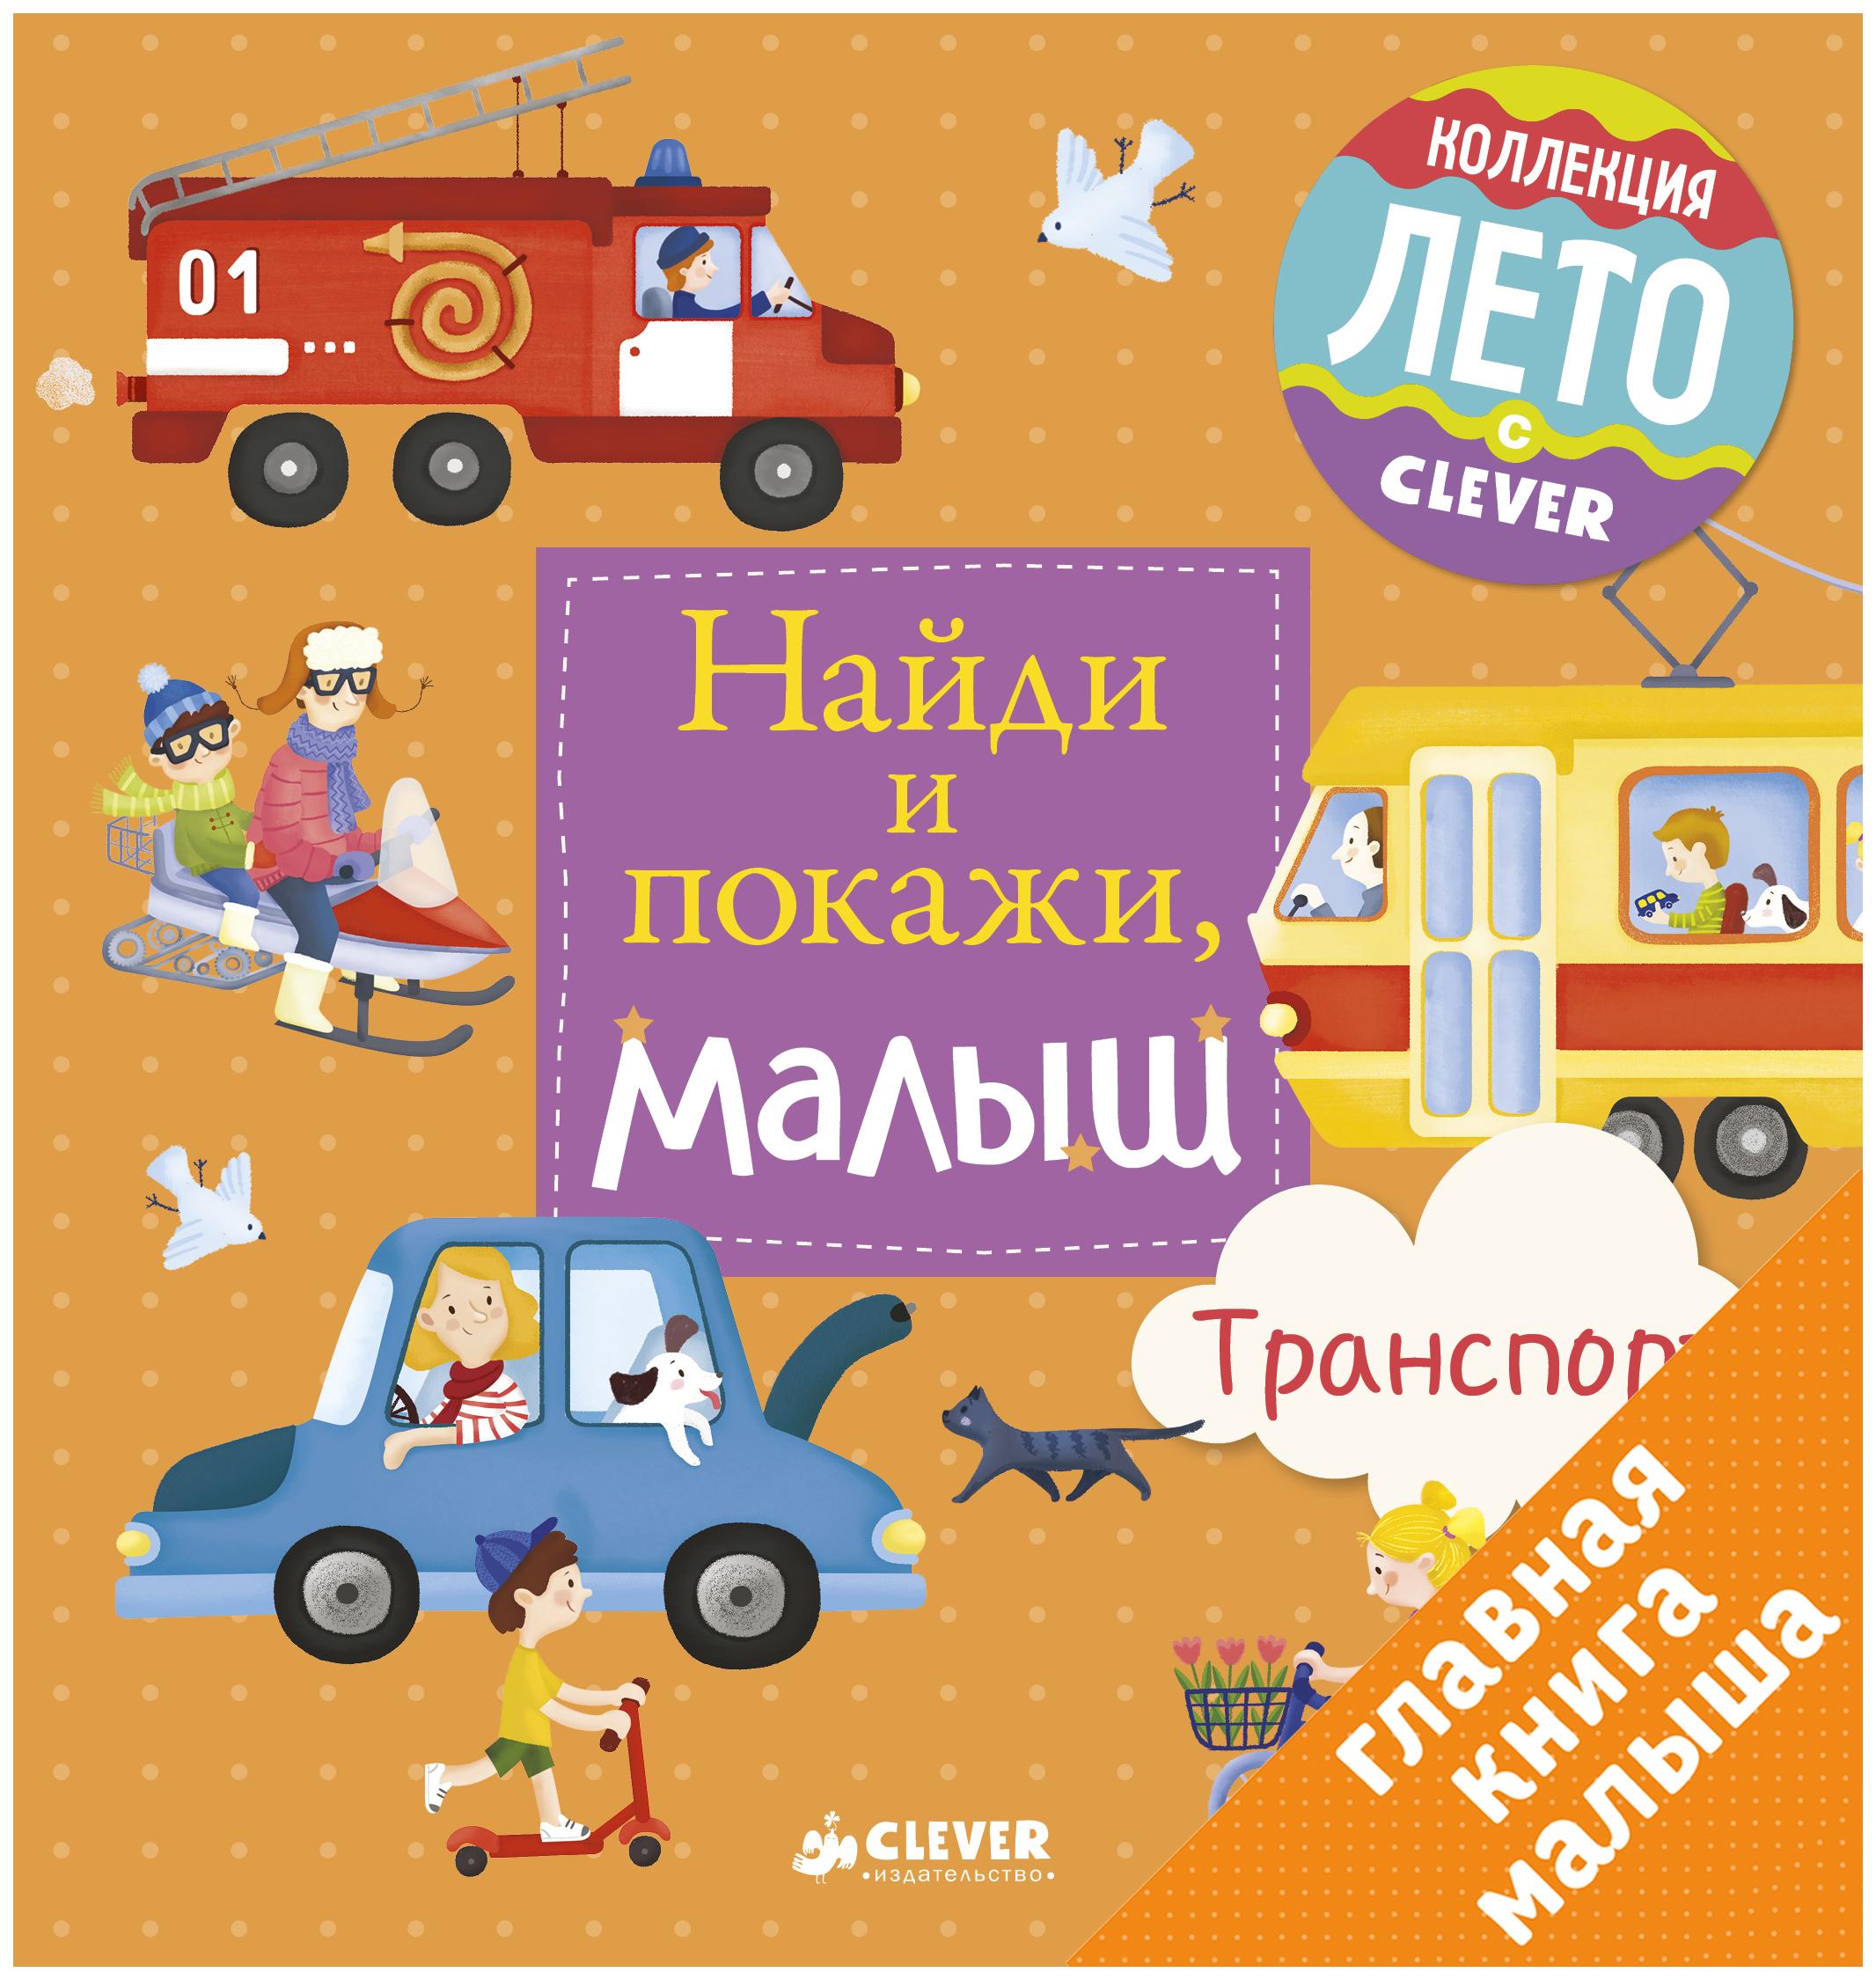 Купить Книжка-Картинка найди и покажи, Малыш. транспорт, Clever, Математика для детей